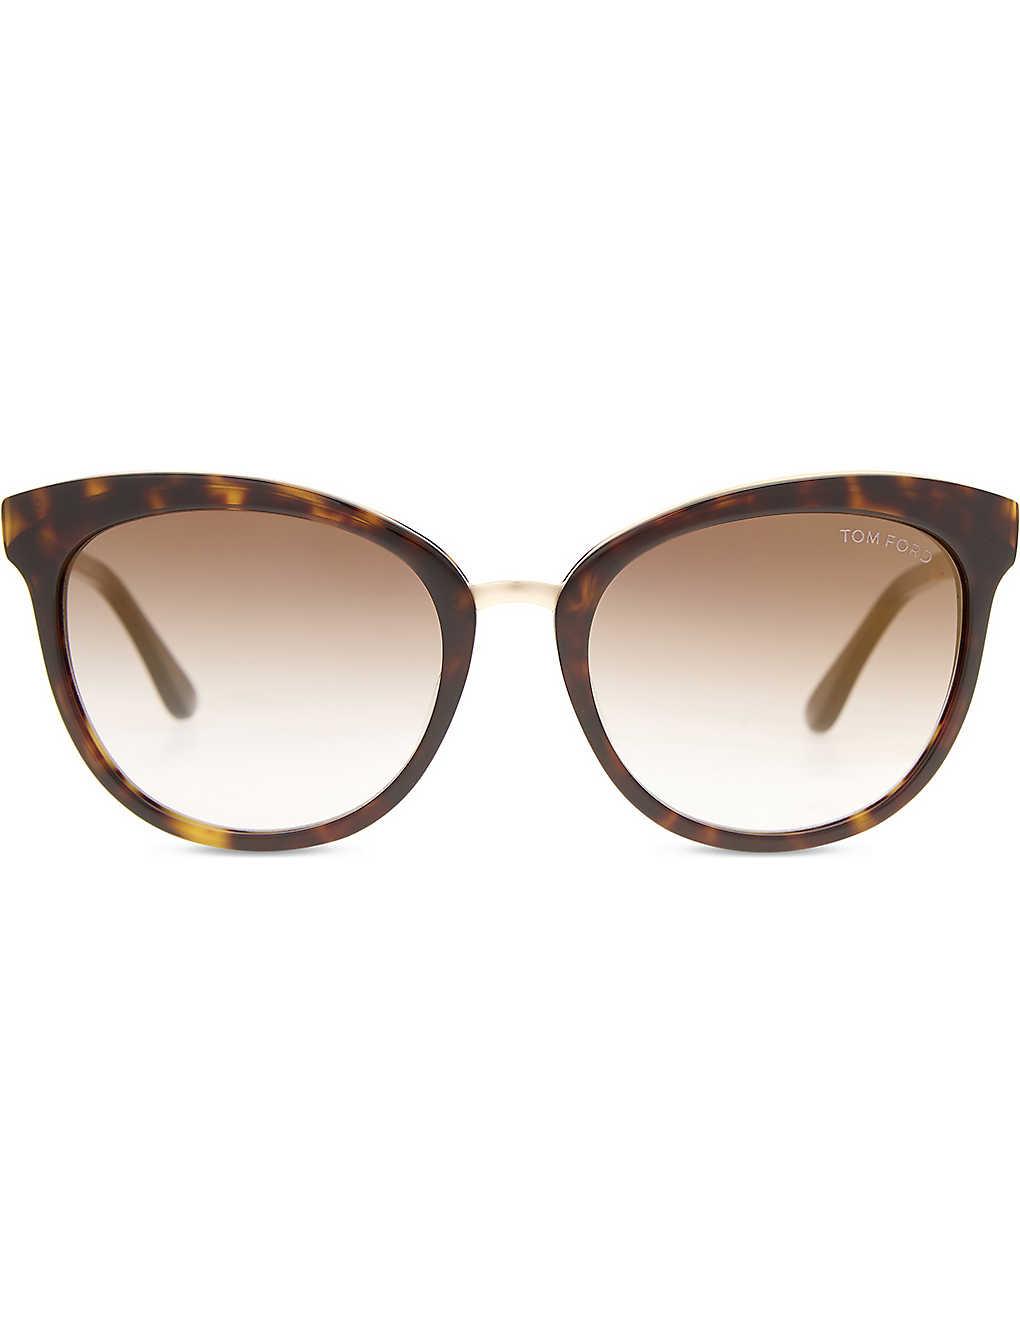 c9c13738f0d4d Emma tortoiseshell cat-eye frame sunglasses - Tortoise ...